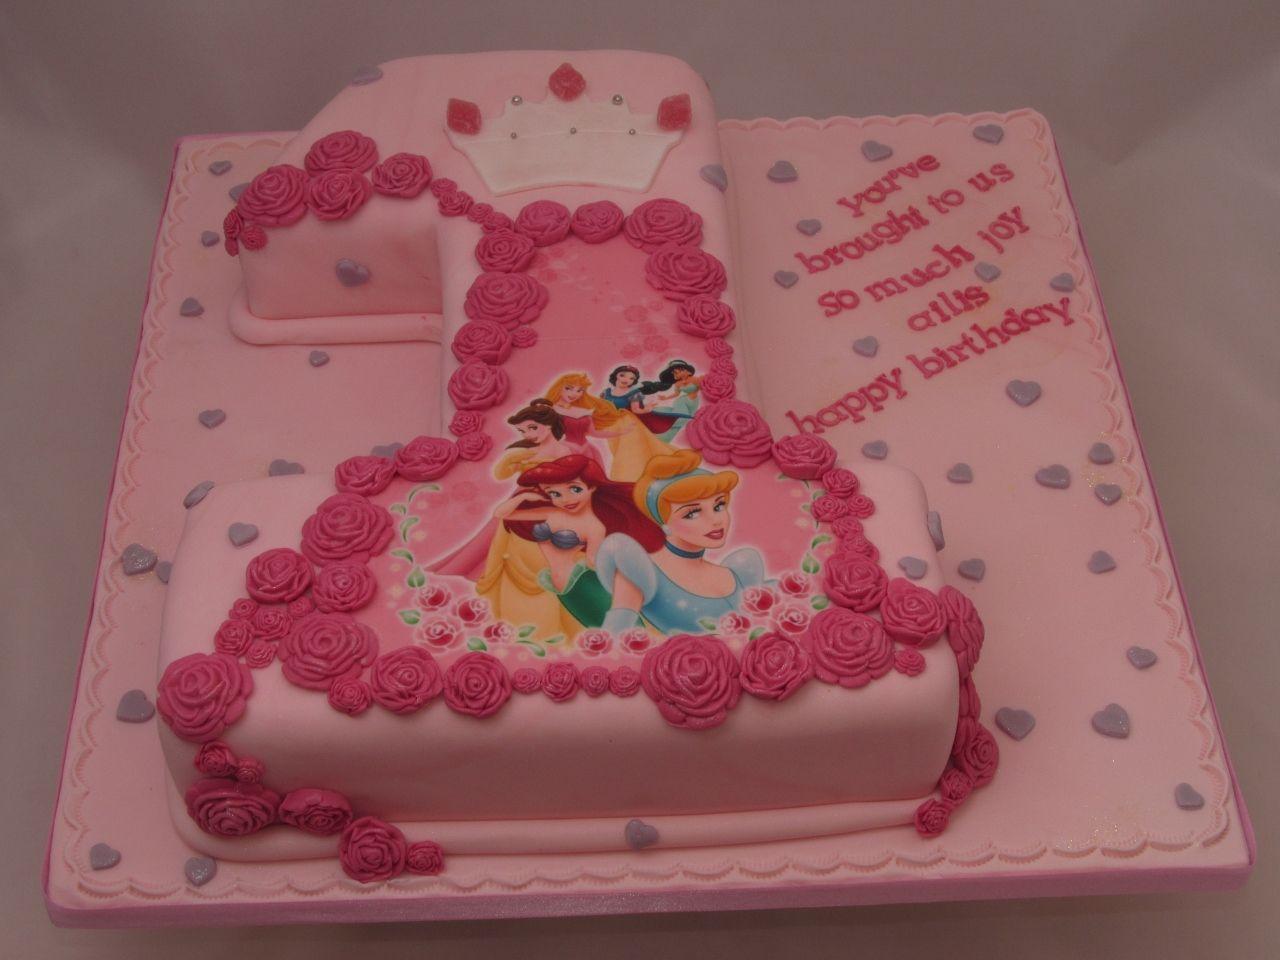 DIsney Princesses 1st Birthday Cake The Way cakepinscom For my